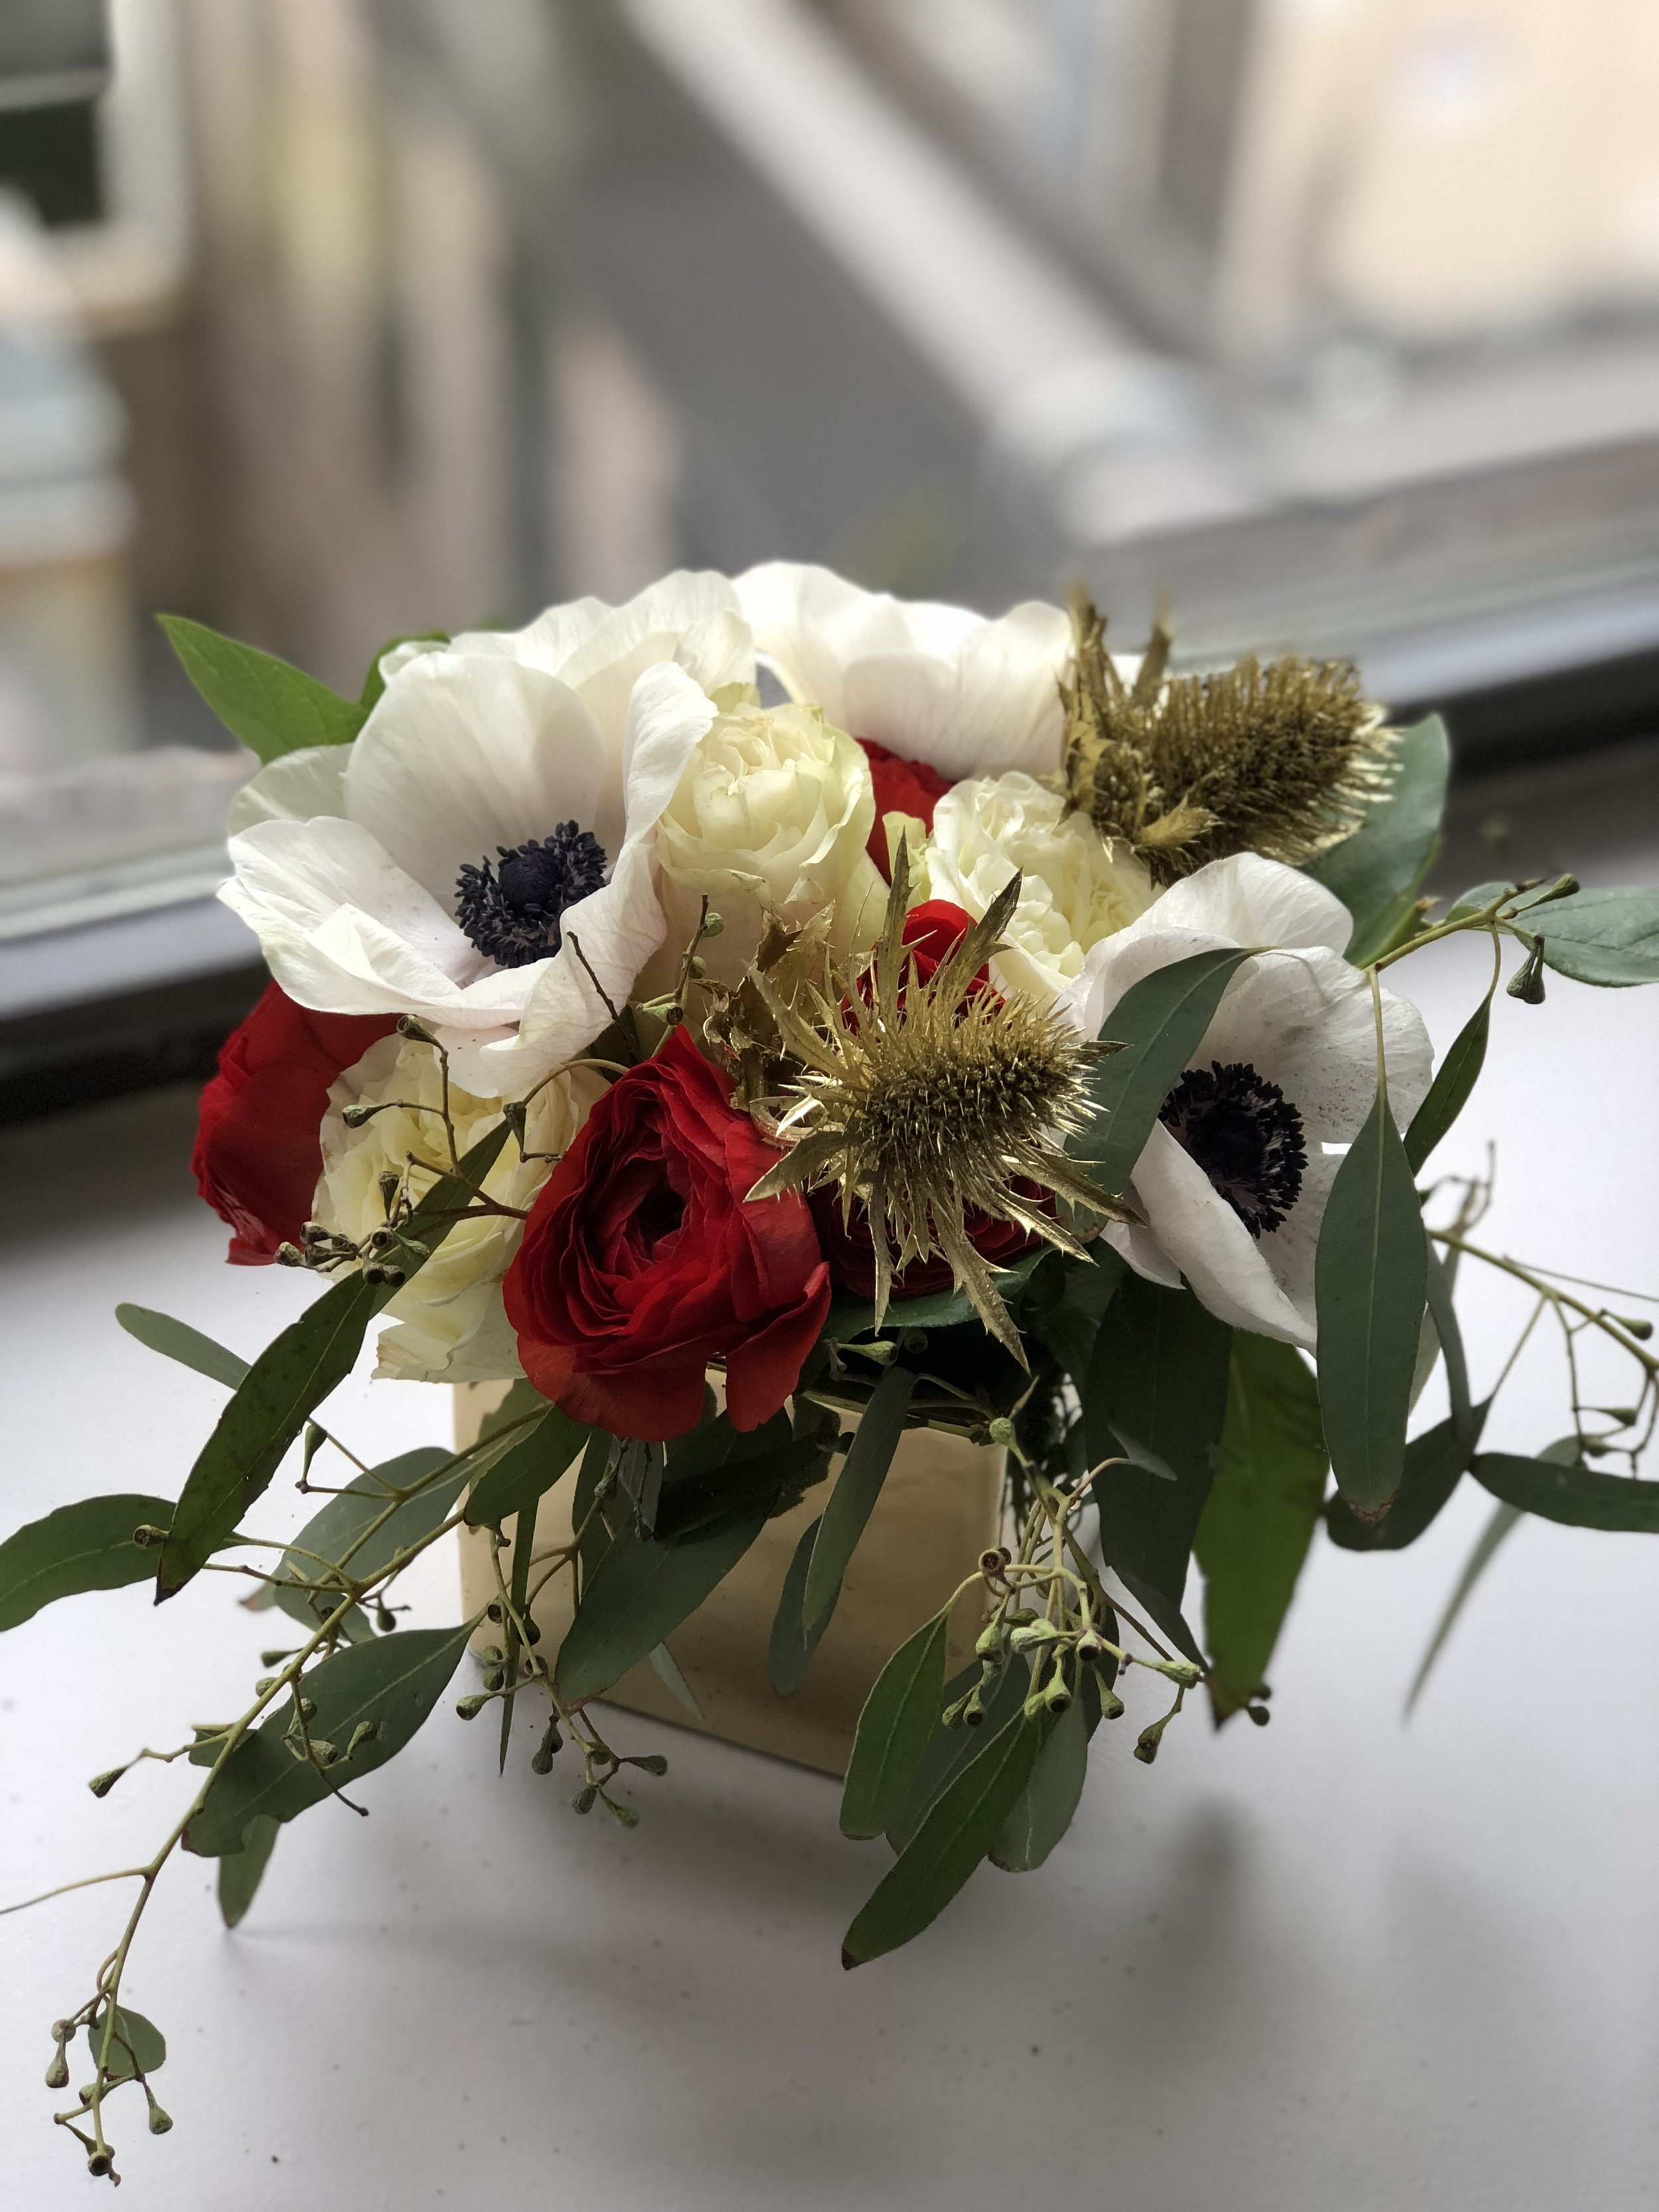 Net-a-porter Florals